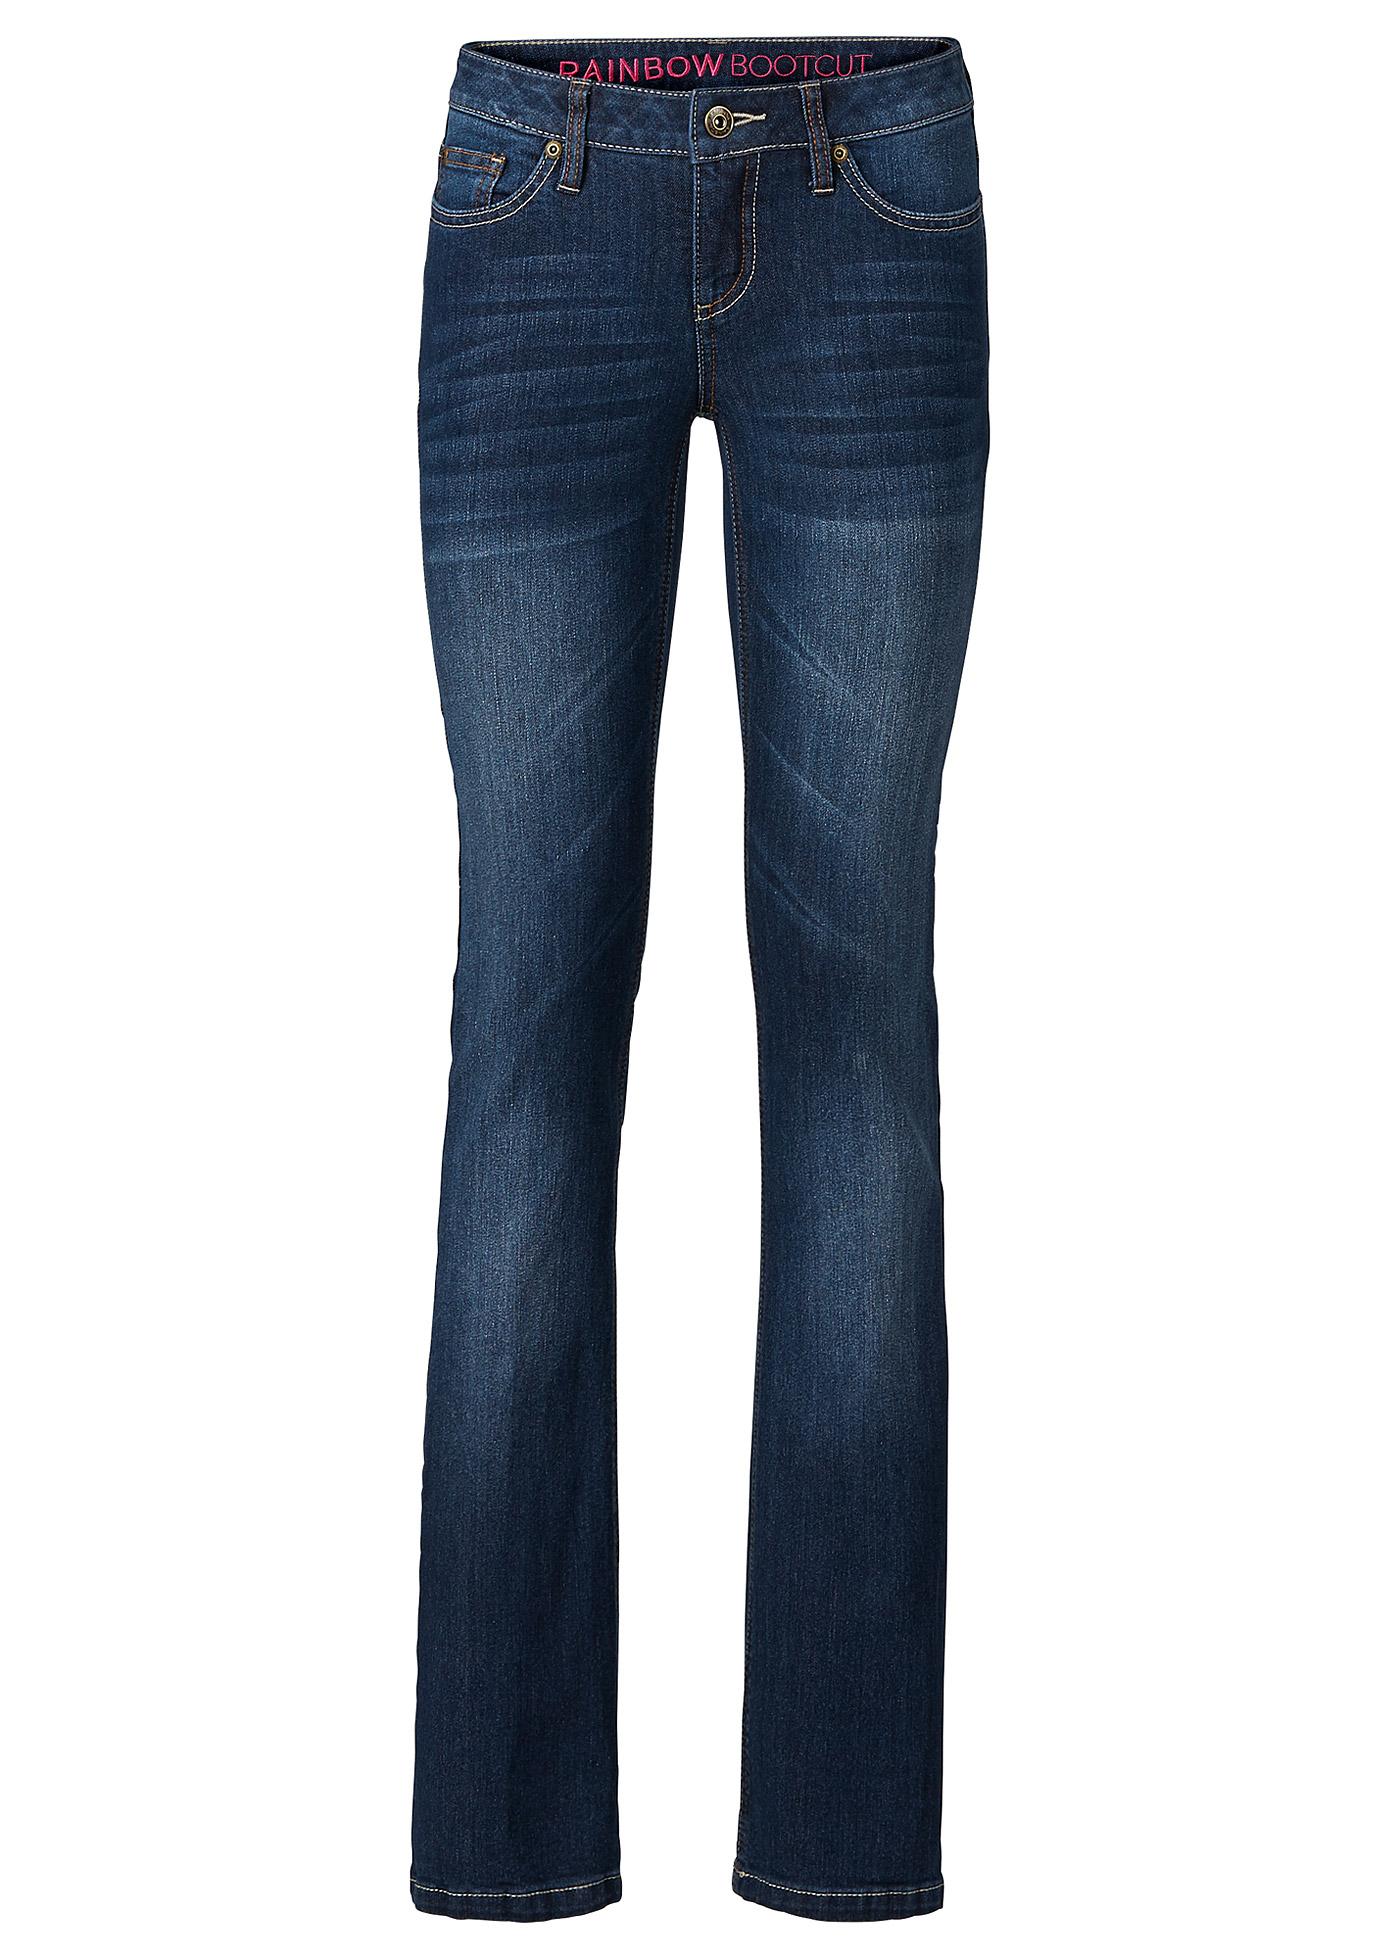 Calça jeans bootcut, Tamanho normal preta